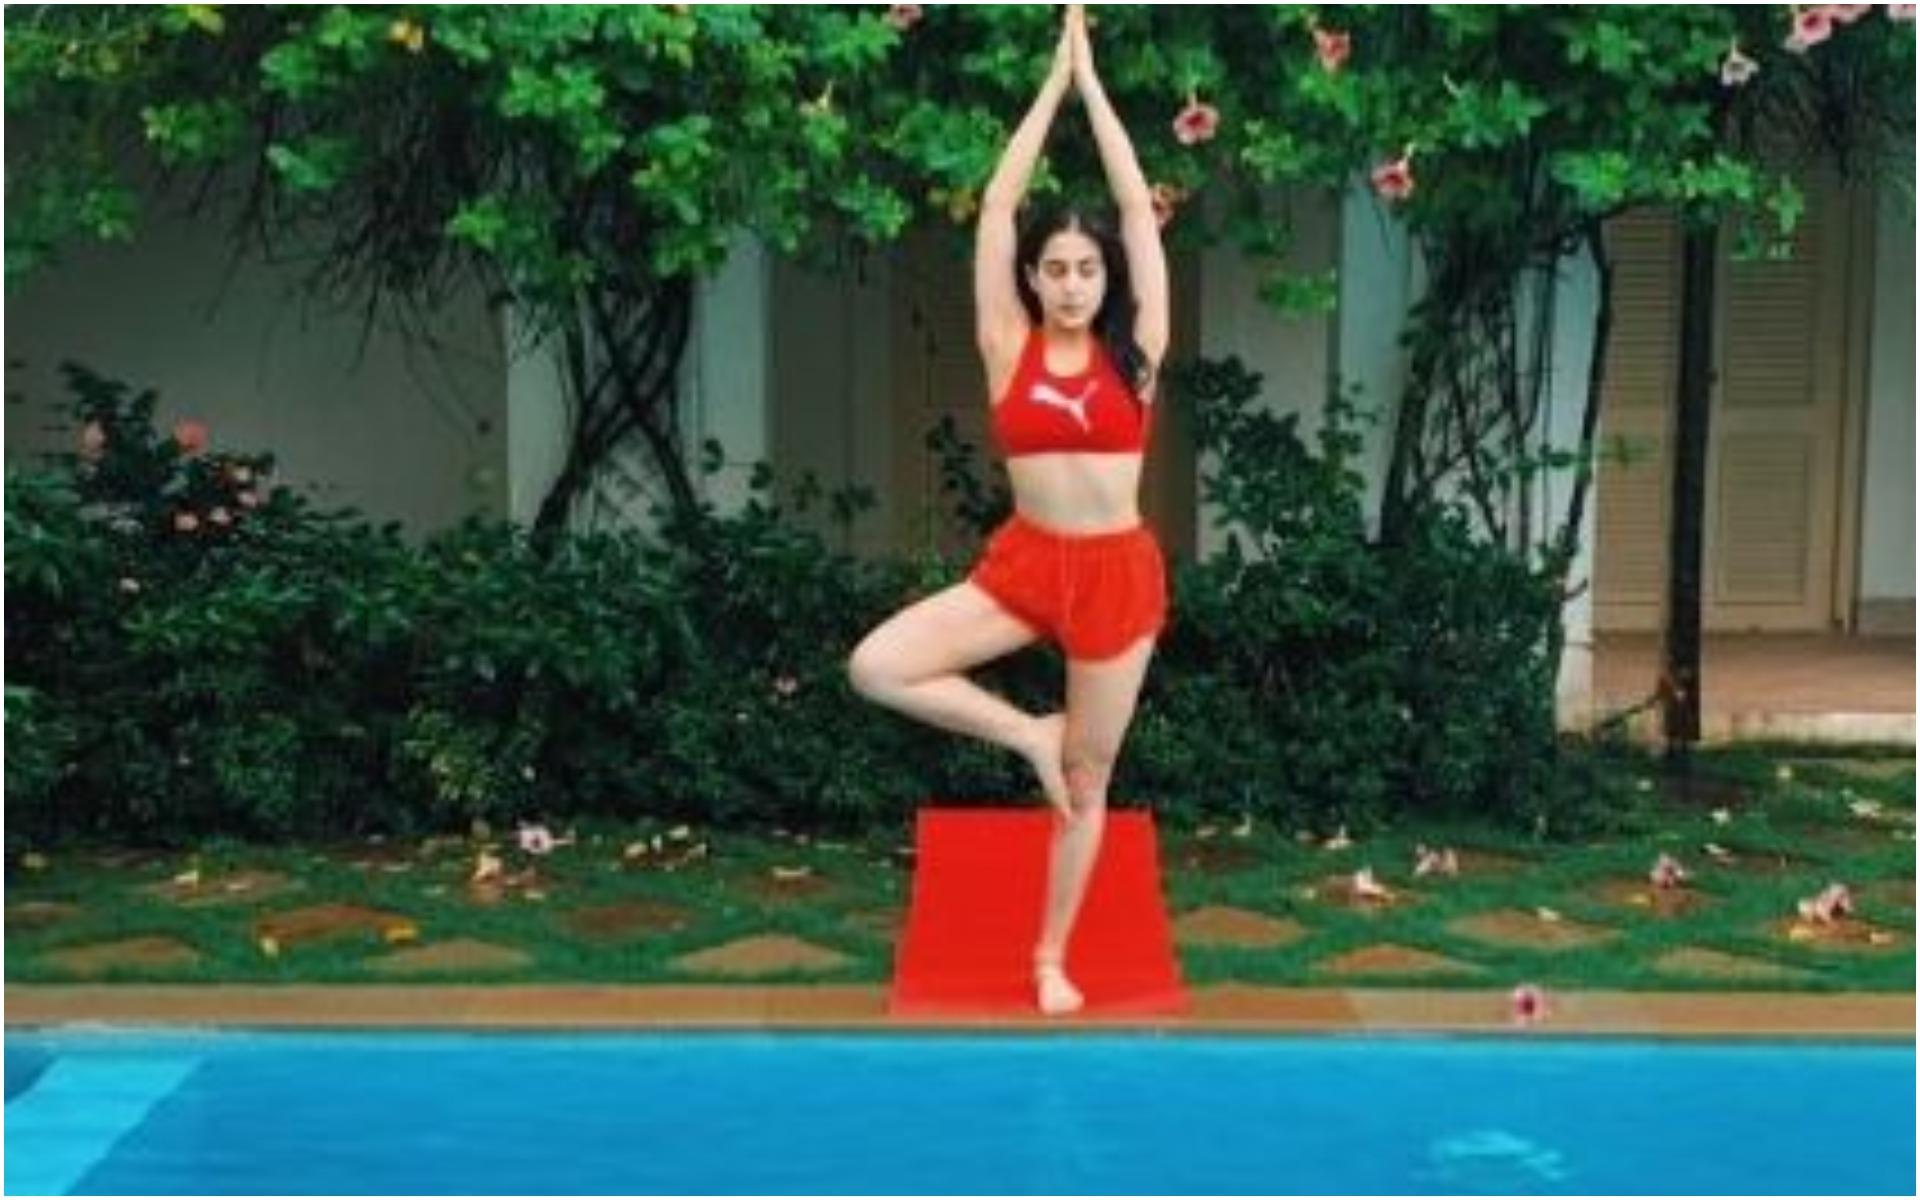 स्विमिंग पूल में इस ख़ास अंदाज में नजर आईं सारा अली खान, फोटो देख घायल हुए फैंस!